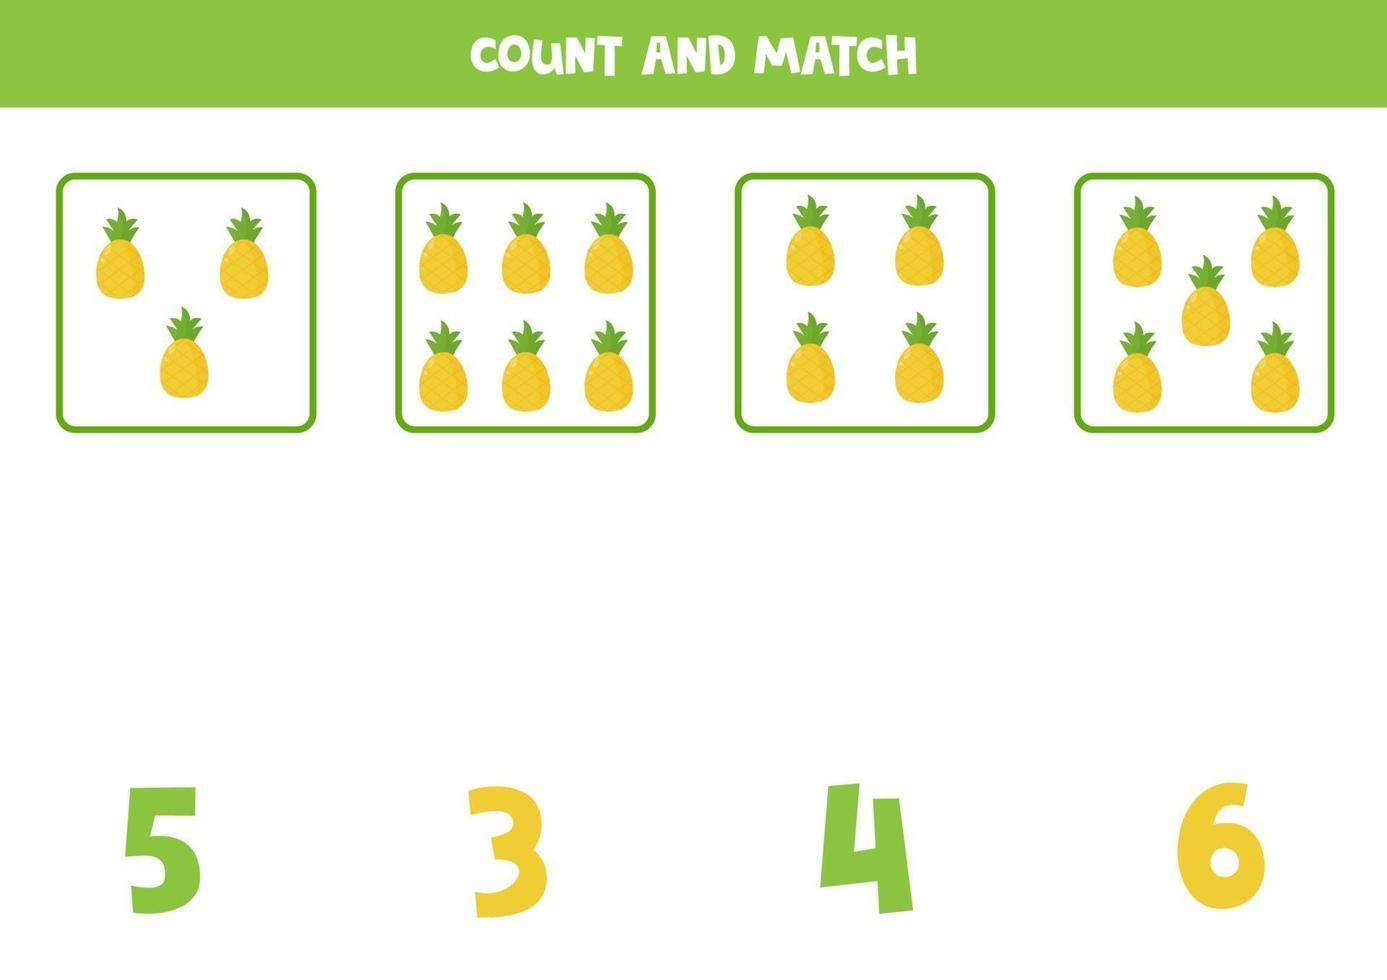 jeu de comptage pour les enfants. jeu de mathématiques avec des ananas de dessin animé. vecteur